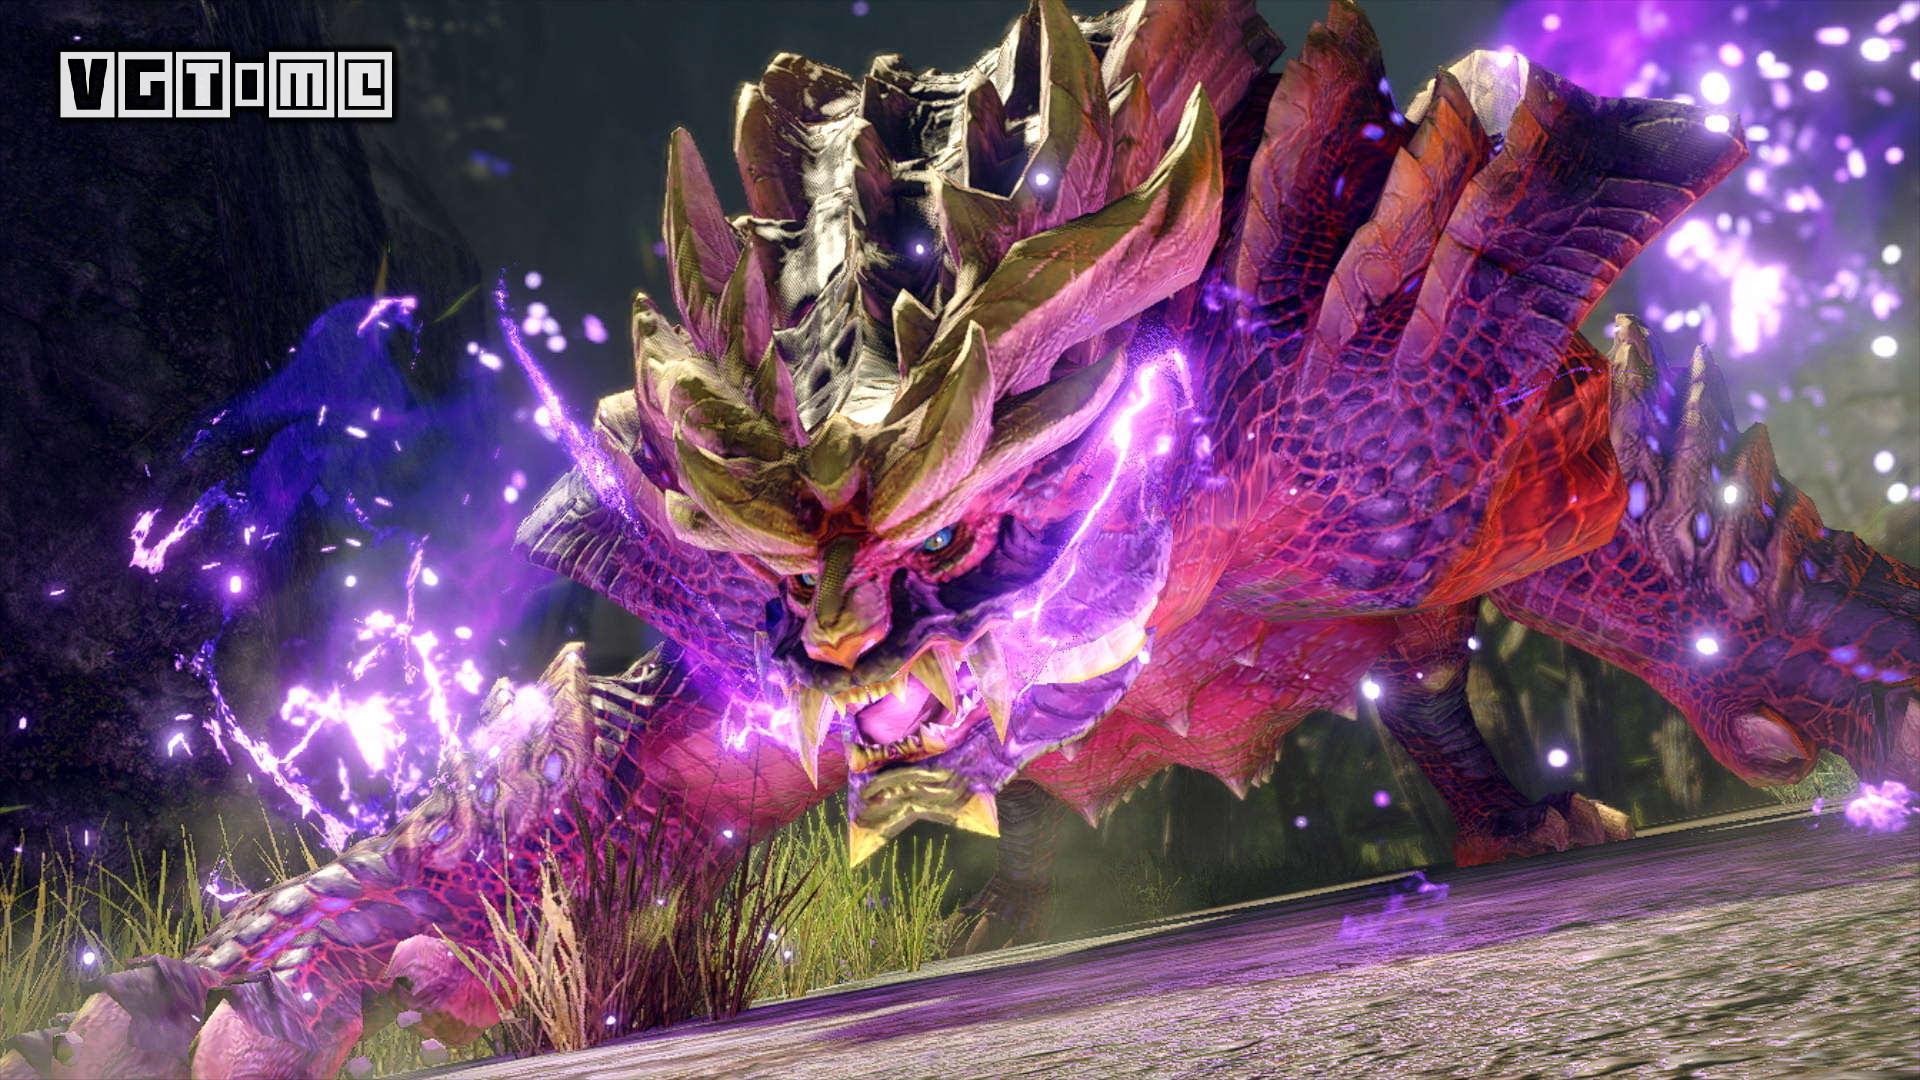 《怪物猎人 崛起》将于2022年初登陆PC平台